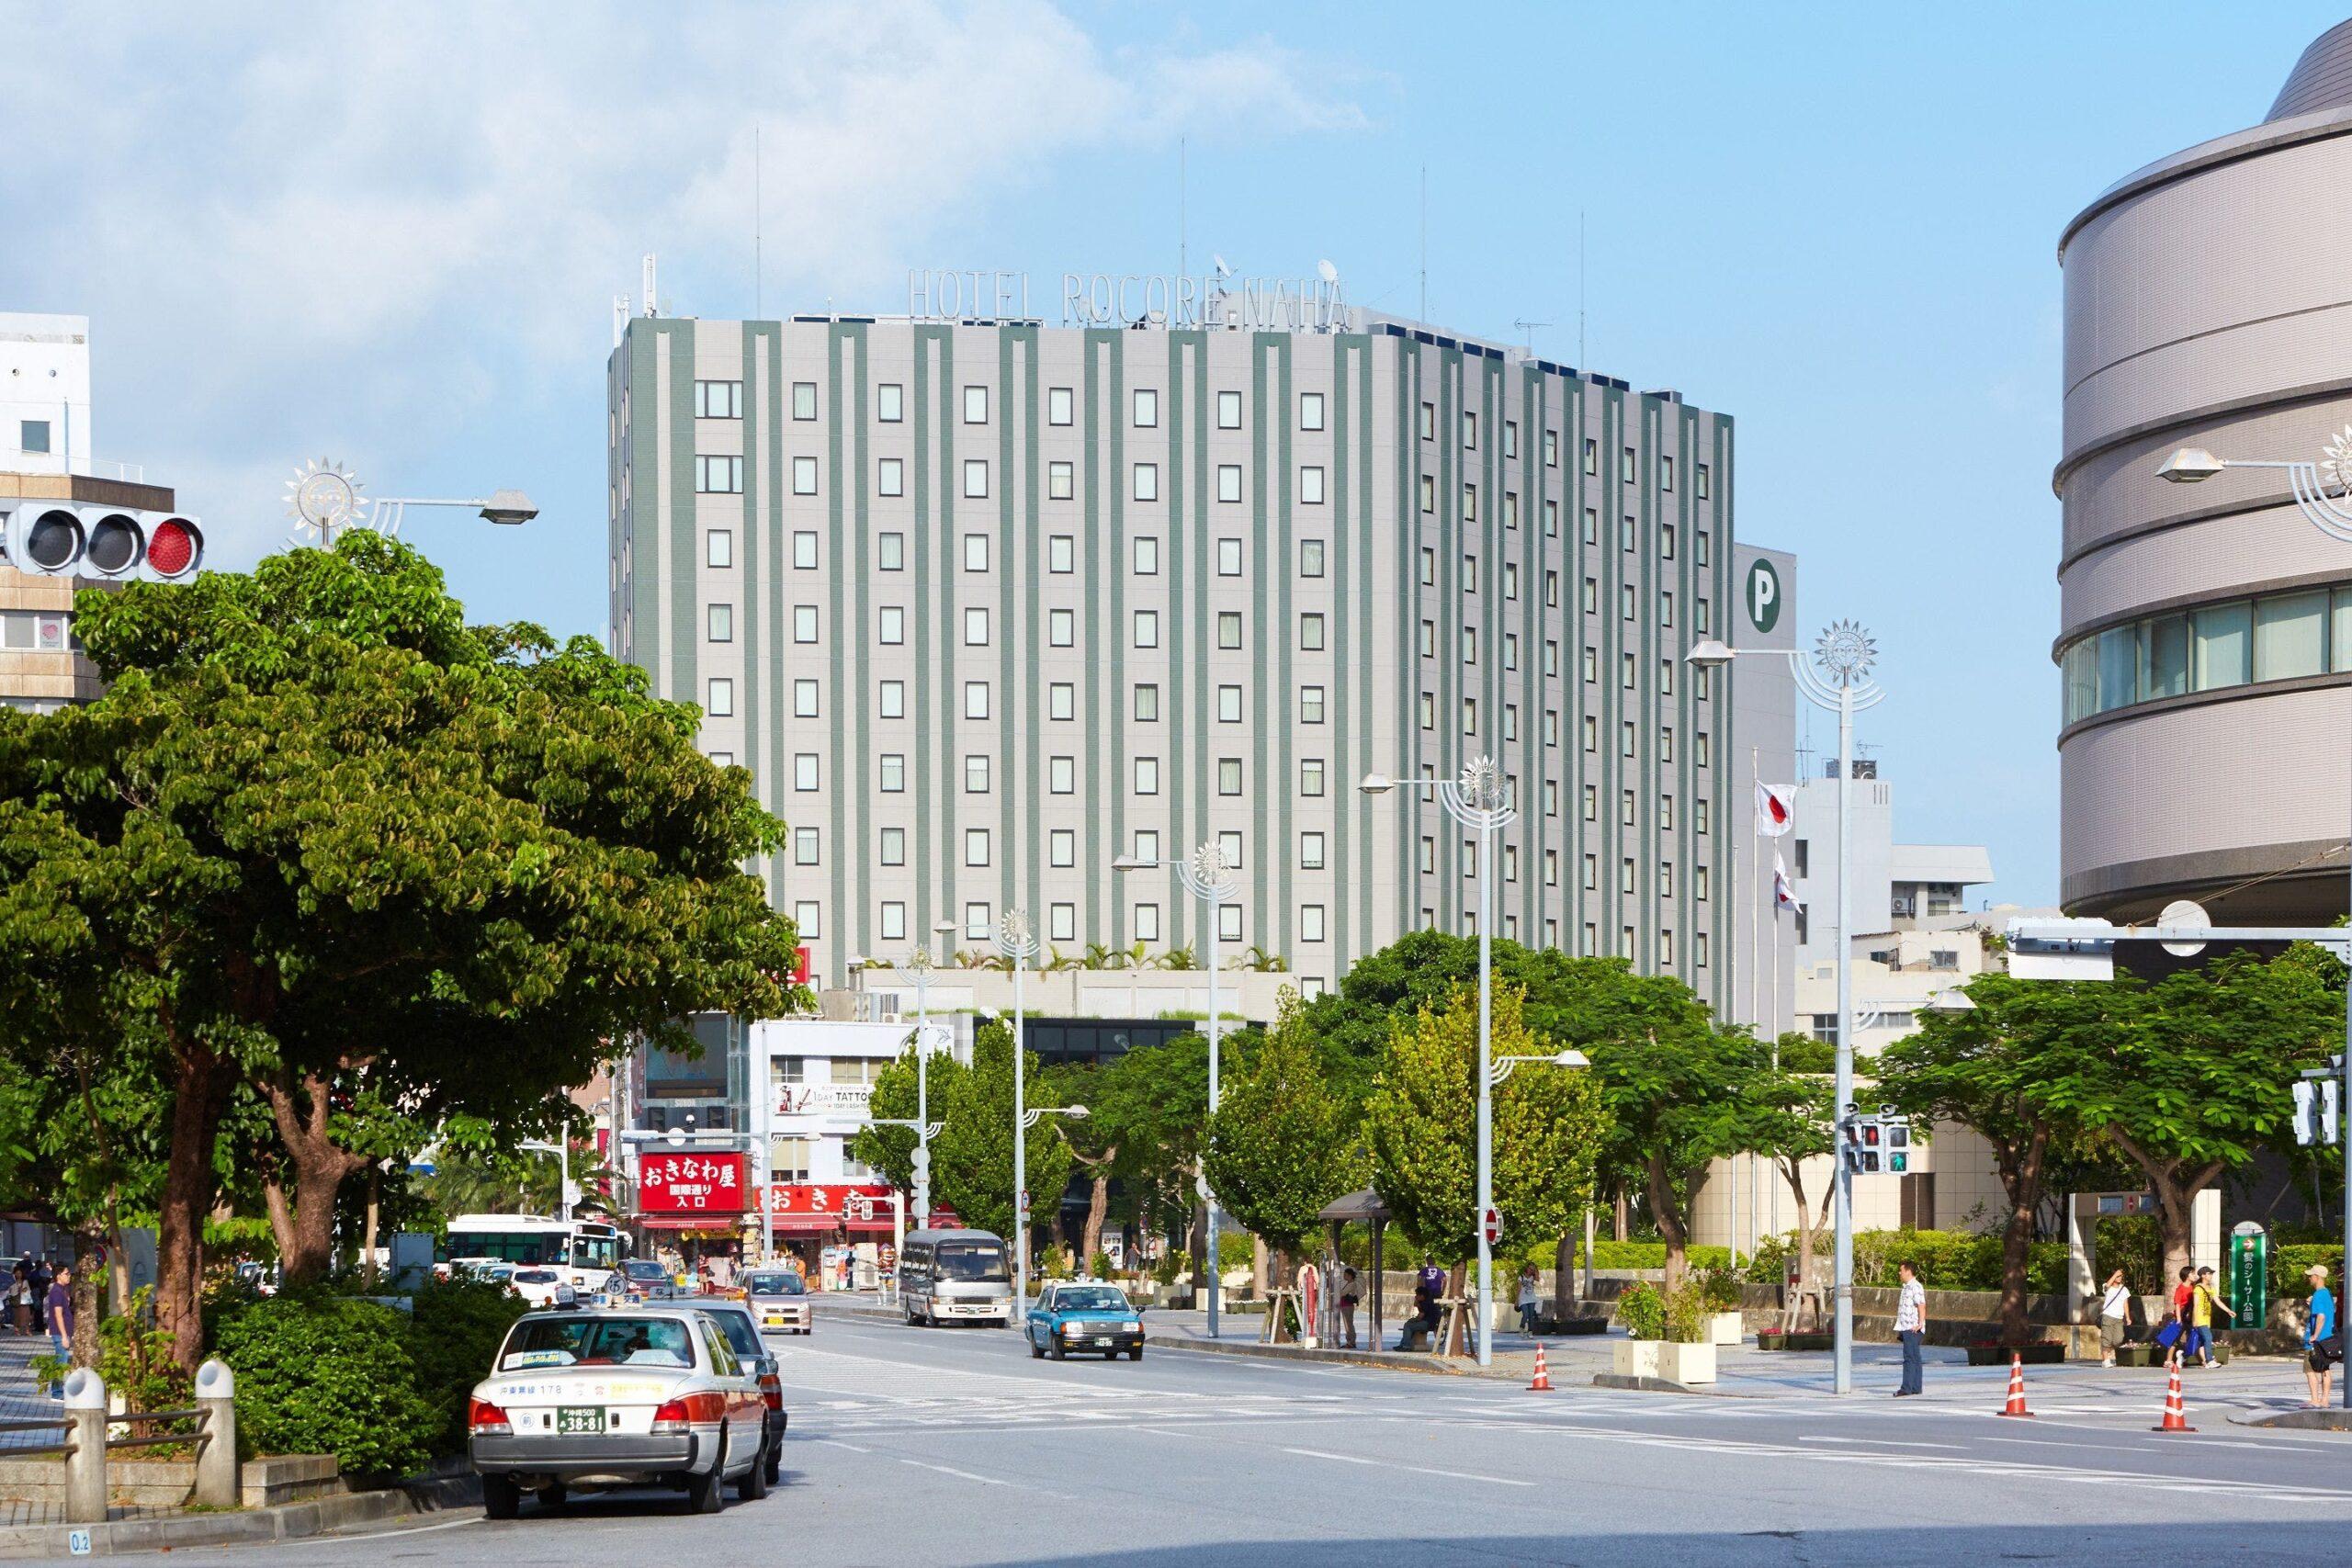 ホテル ロコア ナハ 写真1